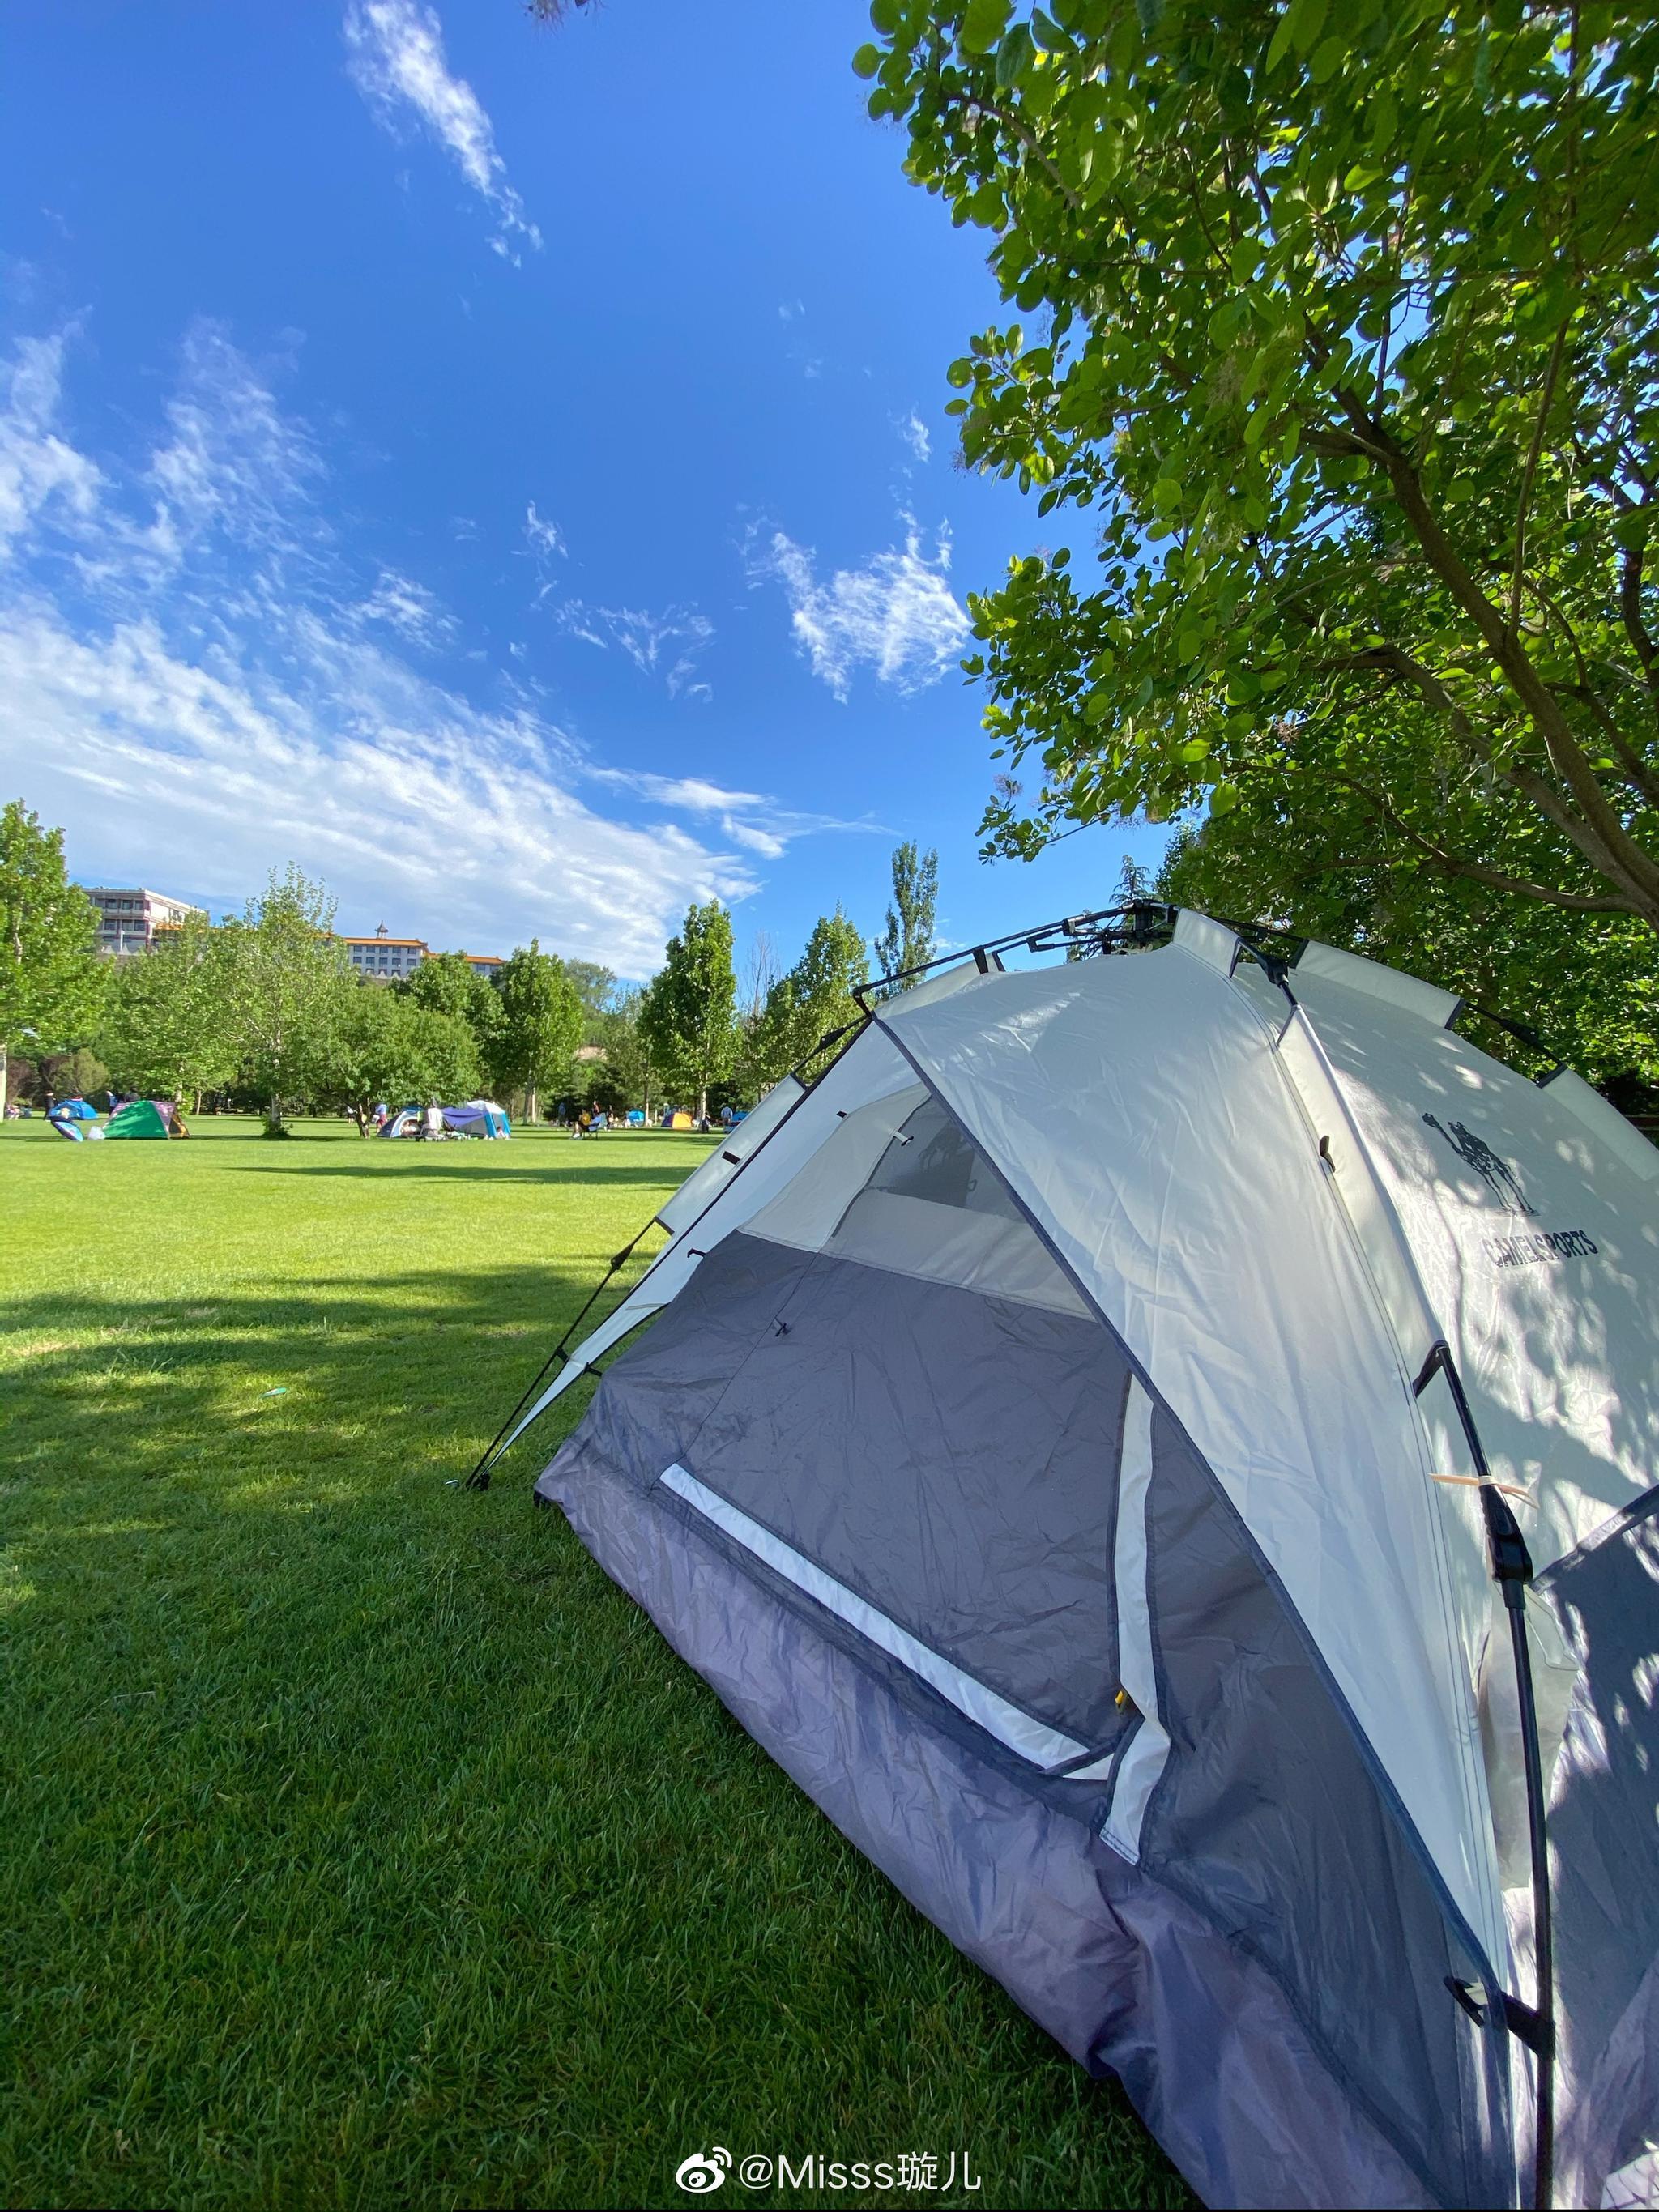 家庭露营日⛺️短暂的阴雨后 就是晴空万里🌈岁月静好 一切都太